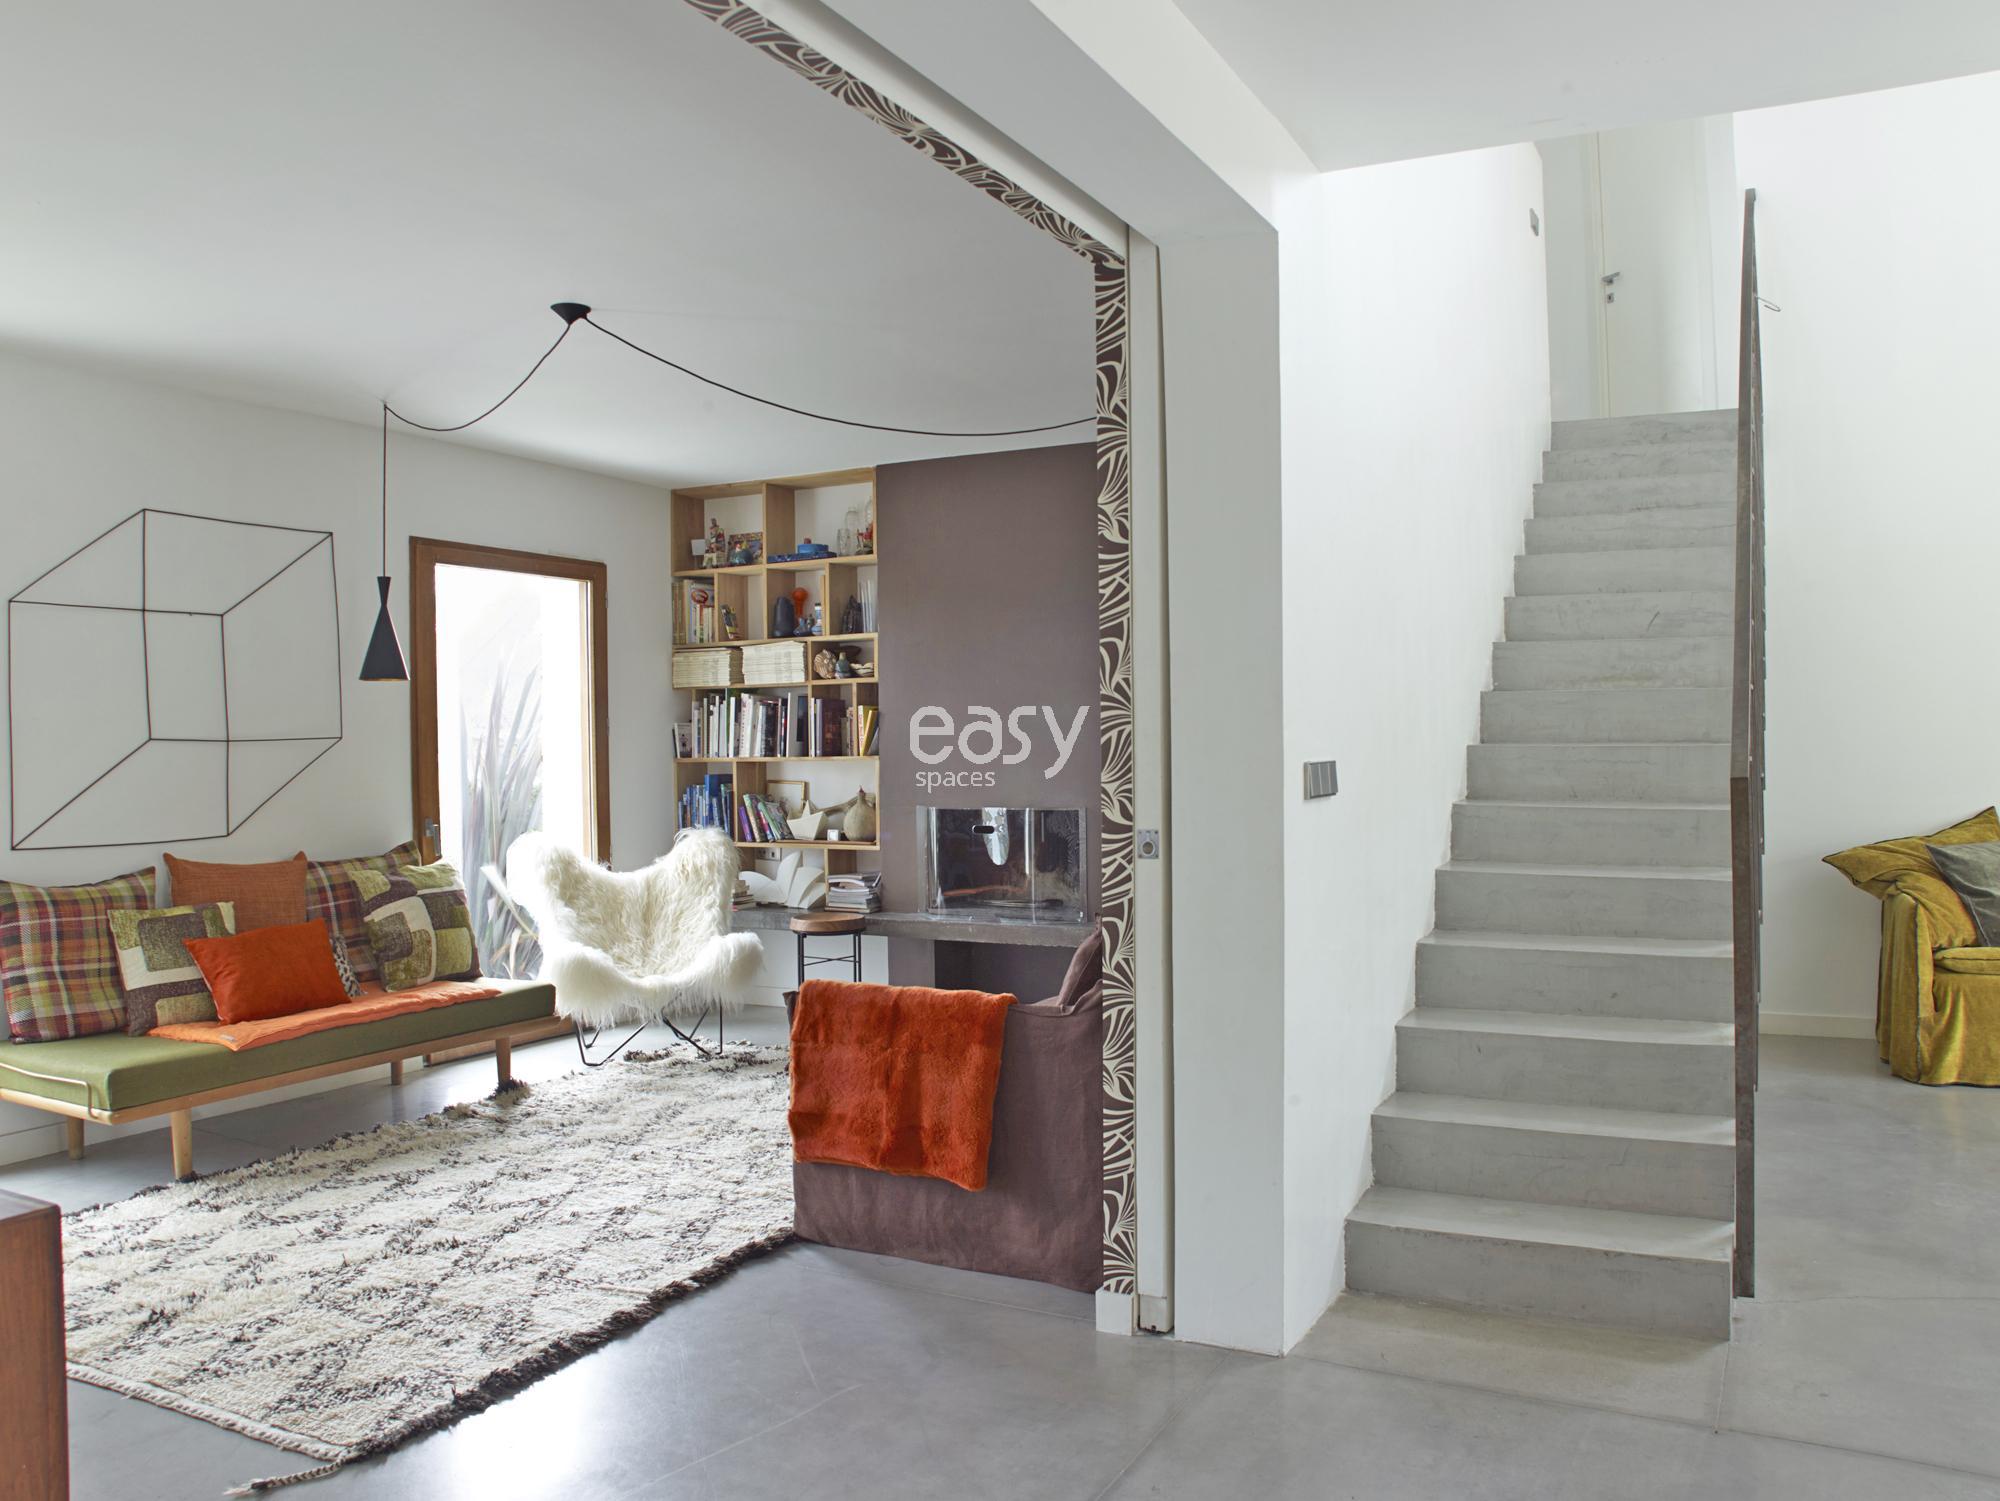 maison pour tournage louer sa maison pour un tournage with maison pour tournage affordable. Black Bedroom Furniture Sets. Home Design Ideas